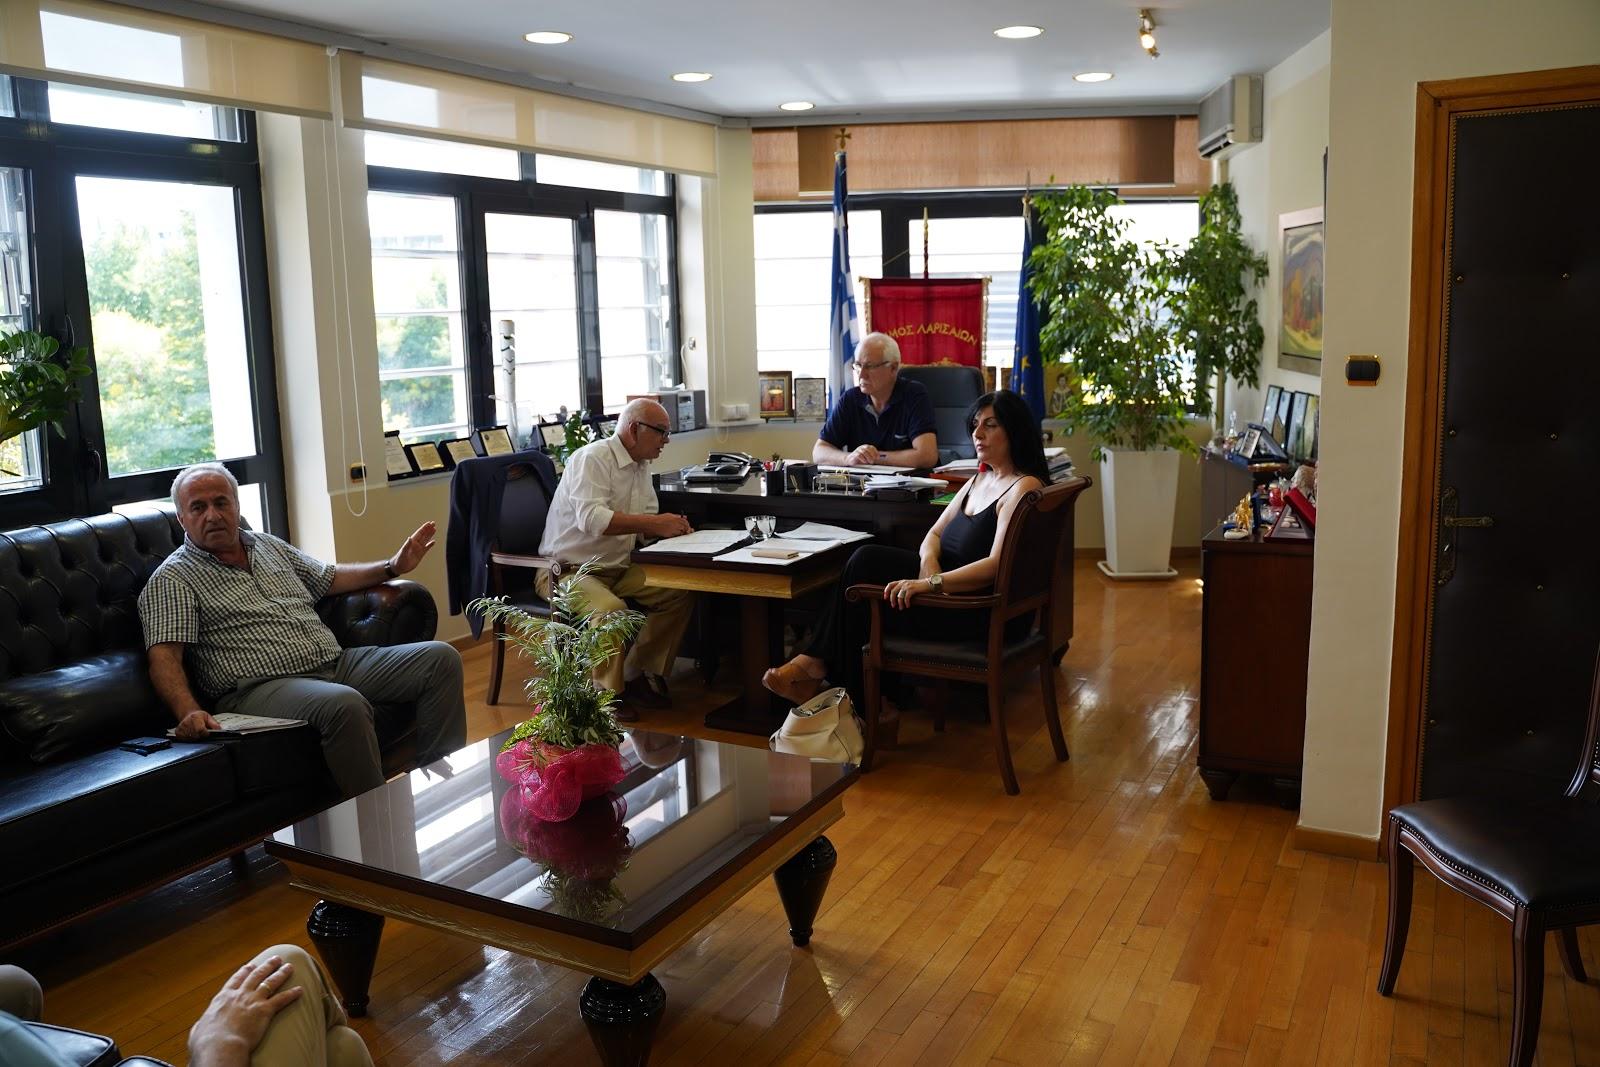 Αναζητούνται αίθουσες για τη δίχρονη προσχολική αγωγή στη Λάρισα